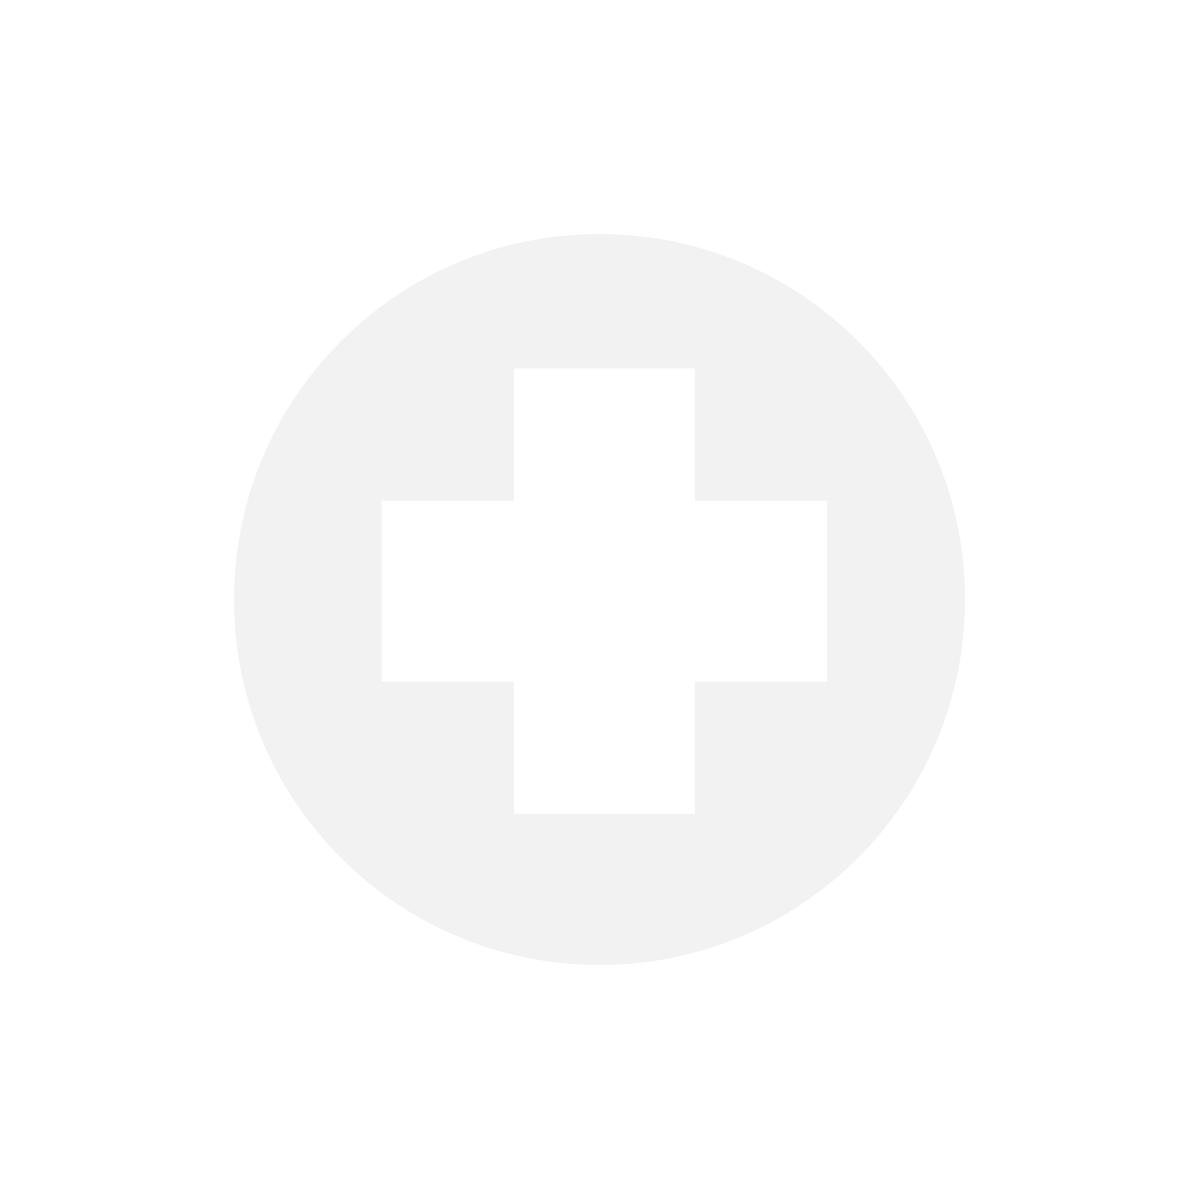 Inclinomètre-Plurimètre de Rippstein